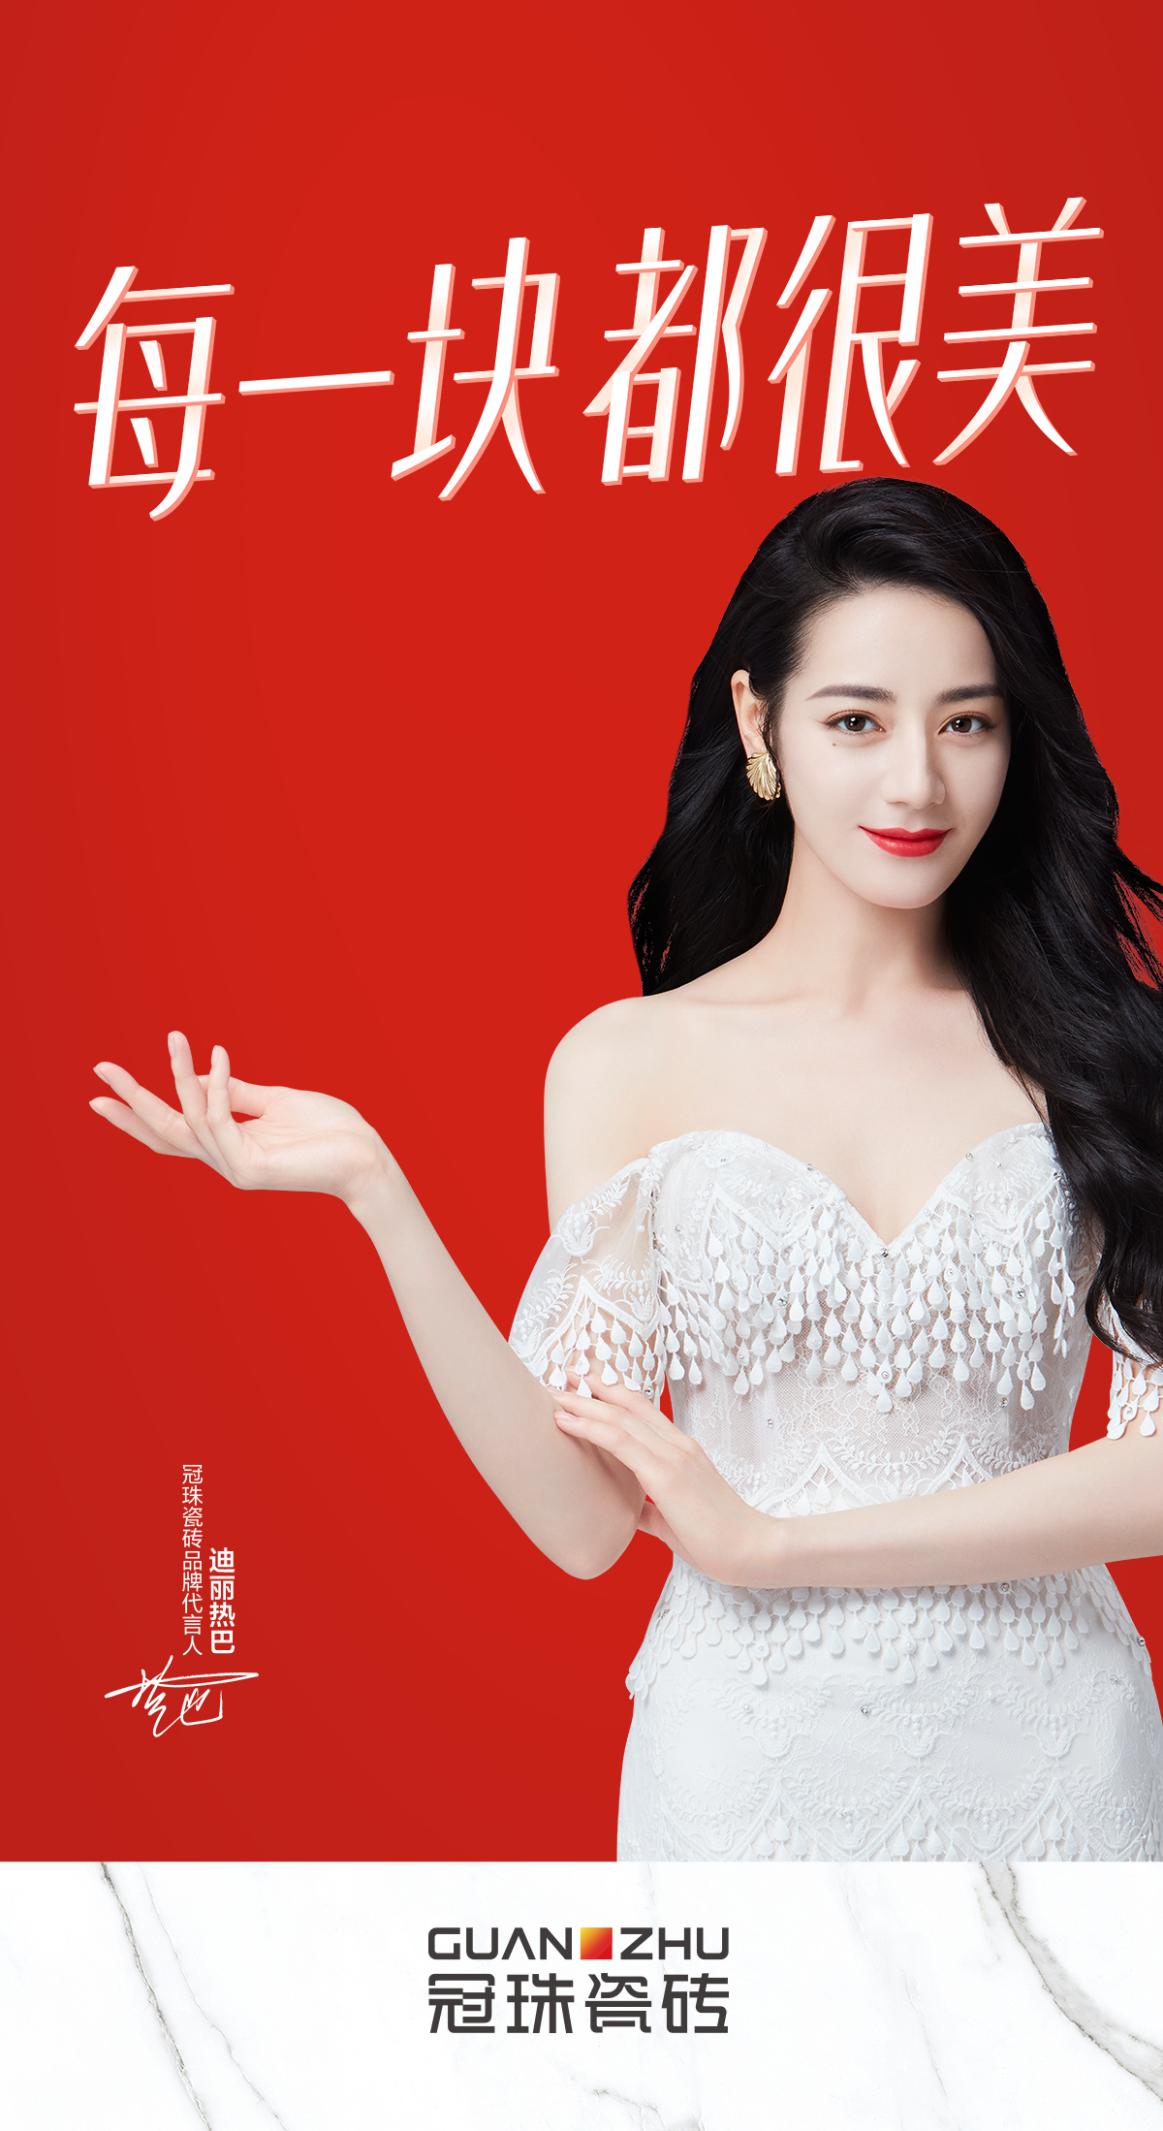 迪丽热巴官宣成为<冠珠瓷砖>品牌代言人 共同缔造美好中国人的家